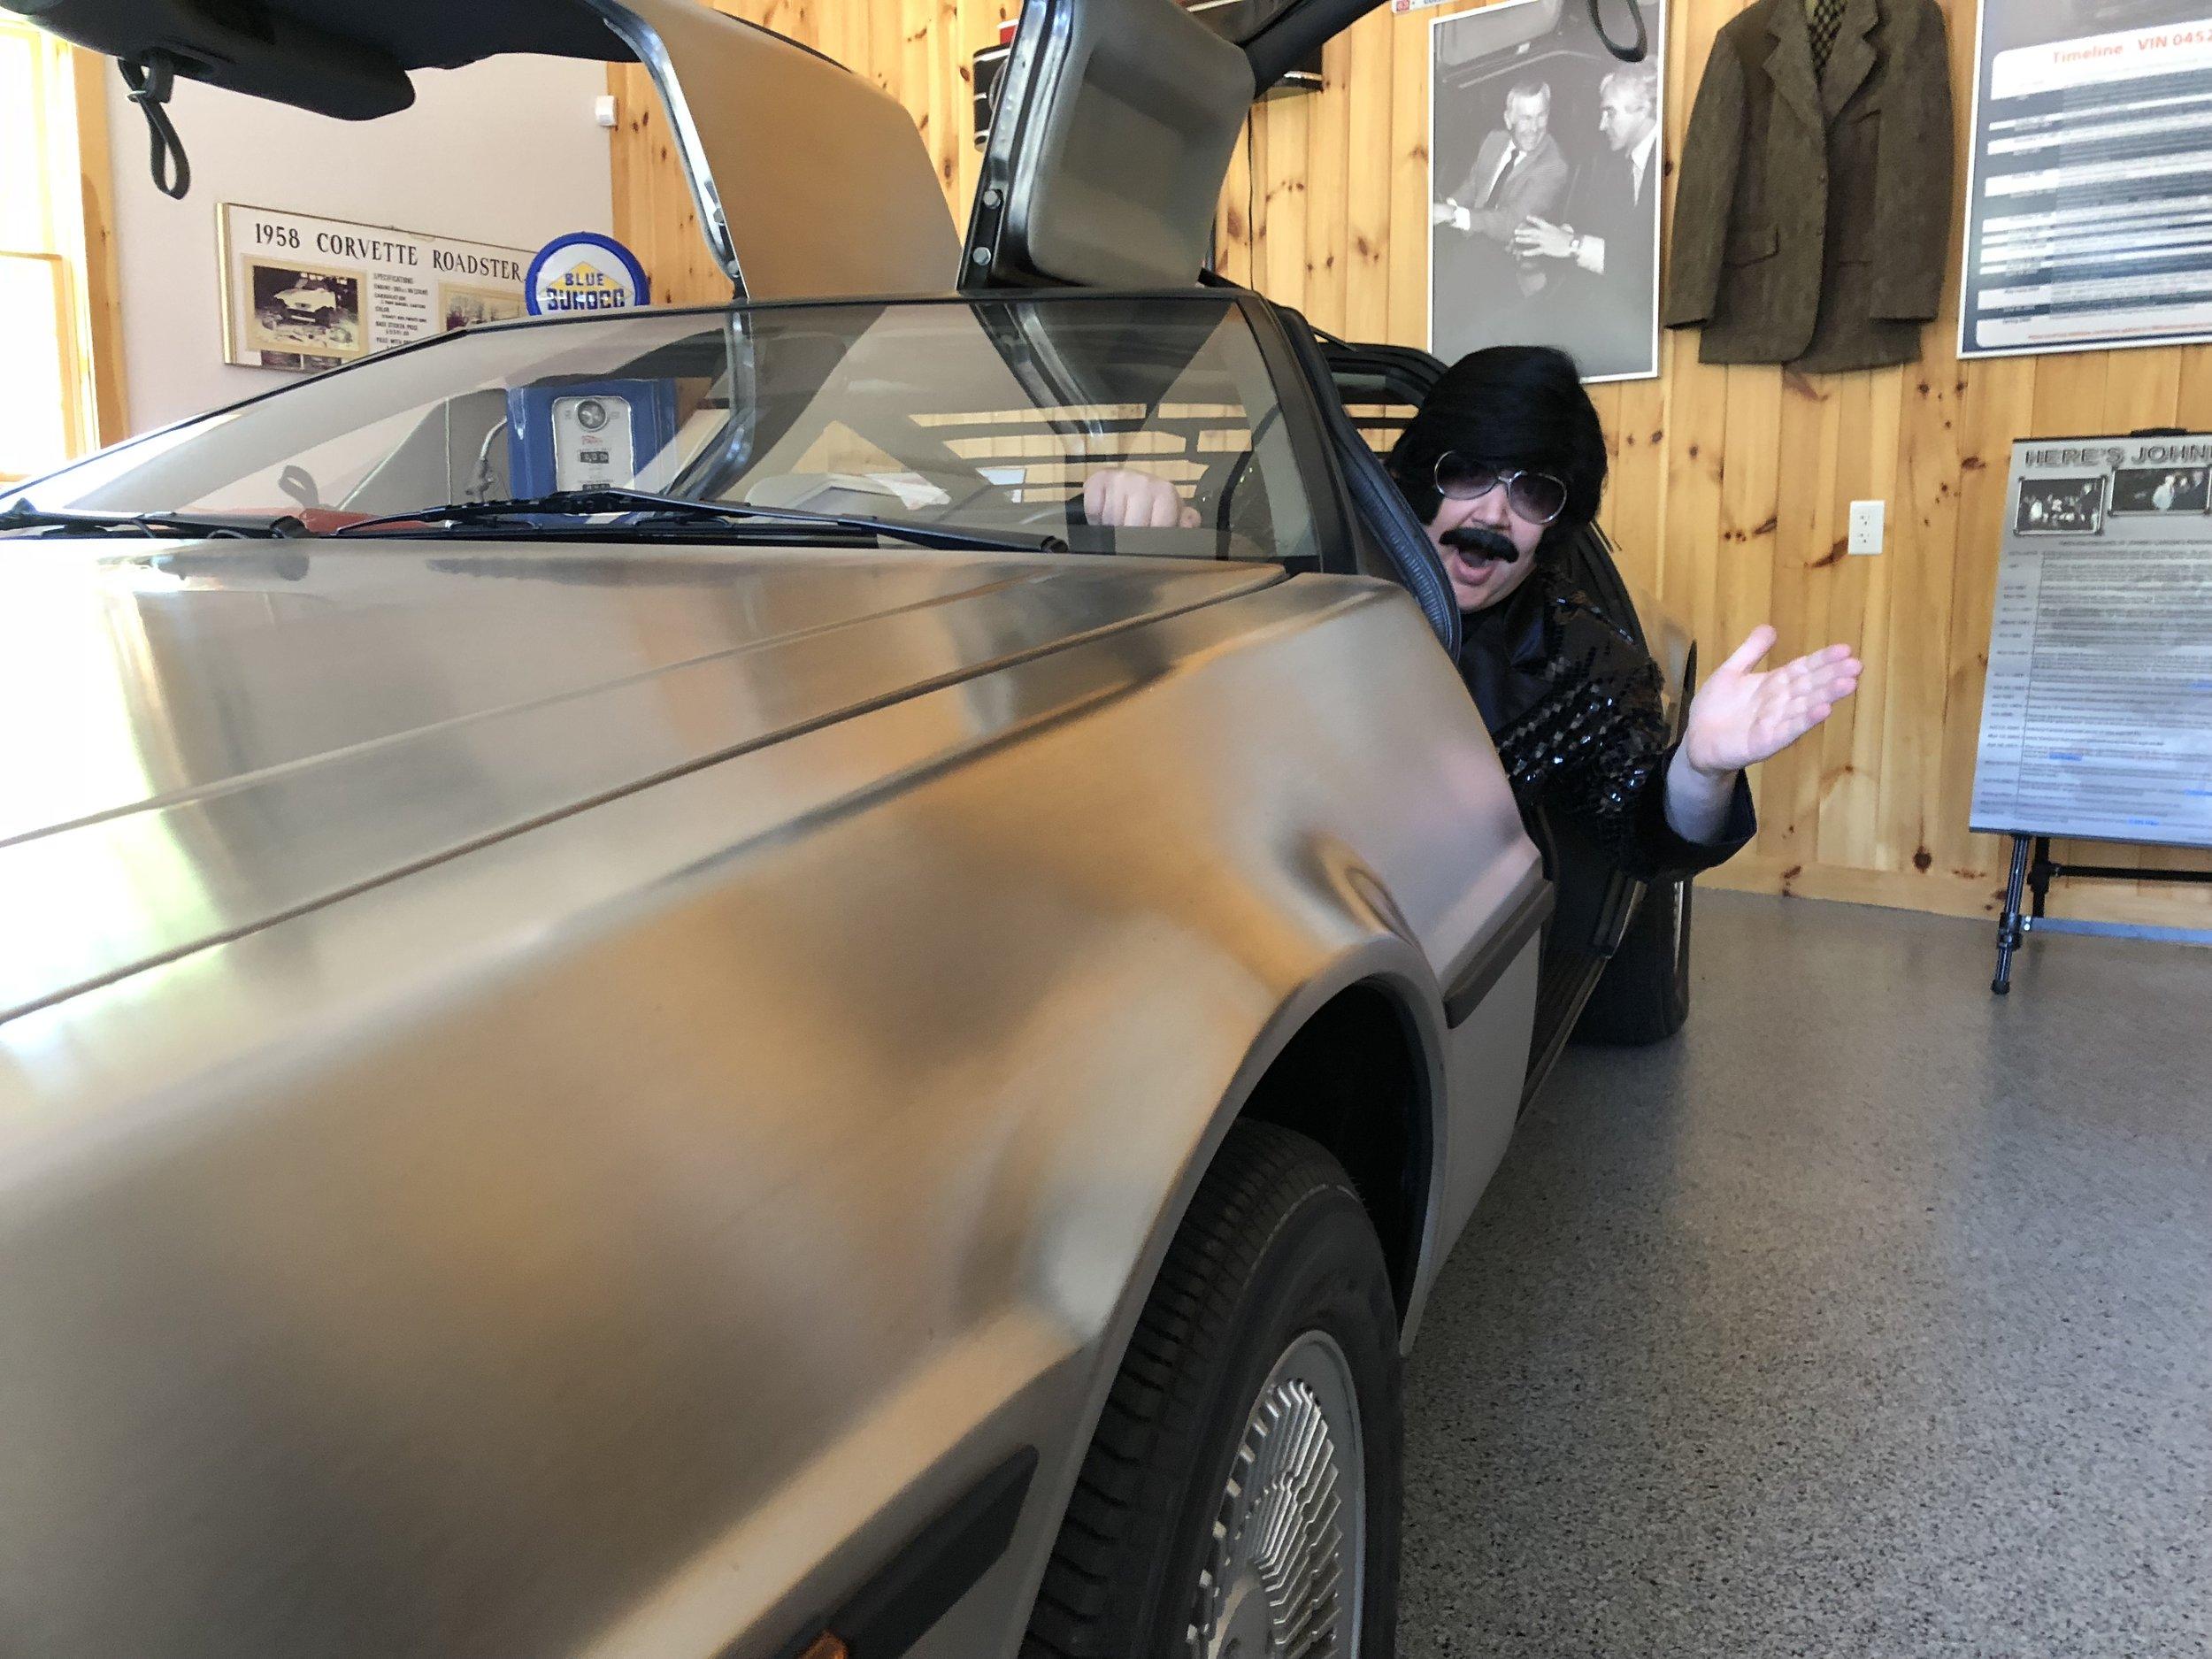 Inside Johnny Carson's DeLorean